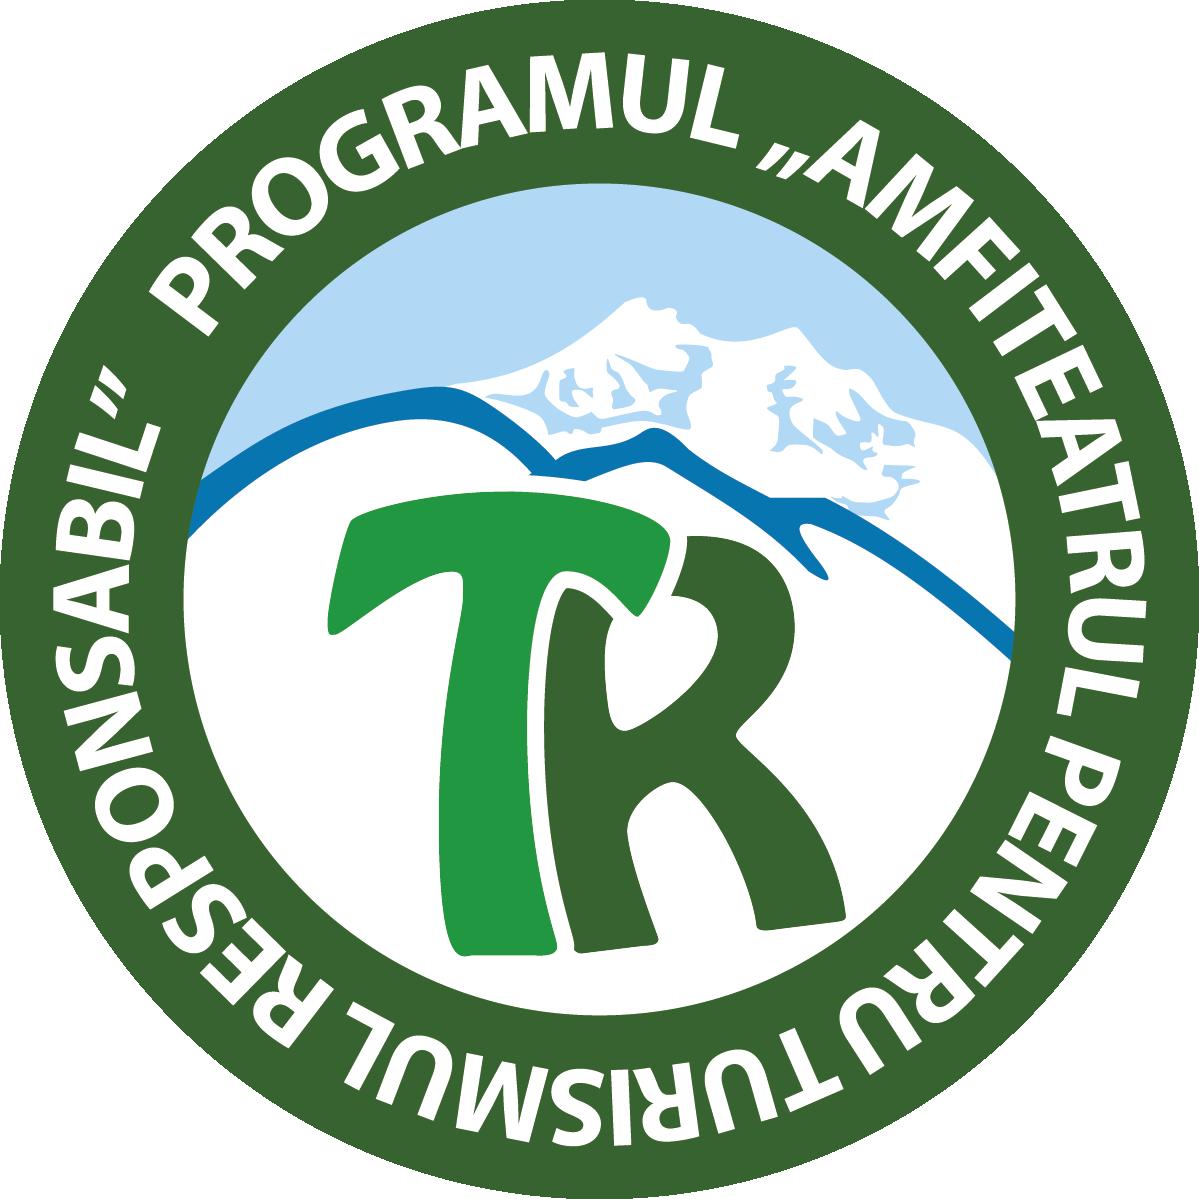 Programul Amfiteatrul pentru turismul responsabil